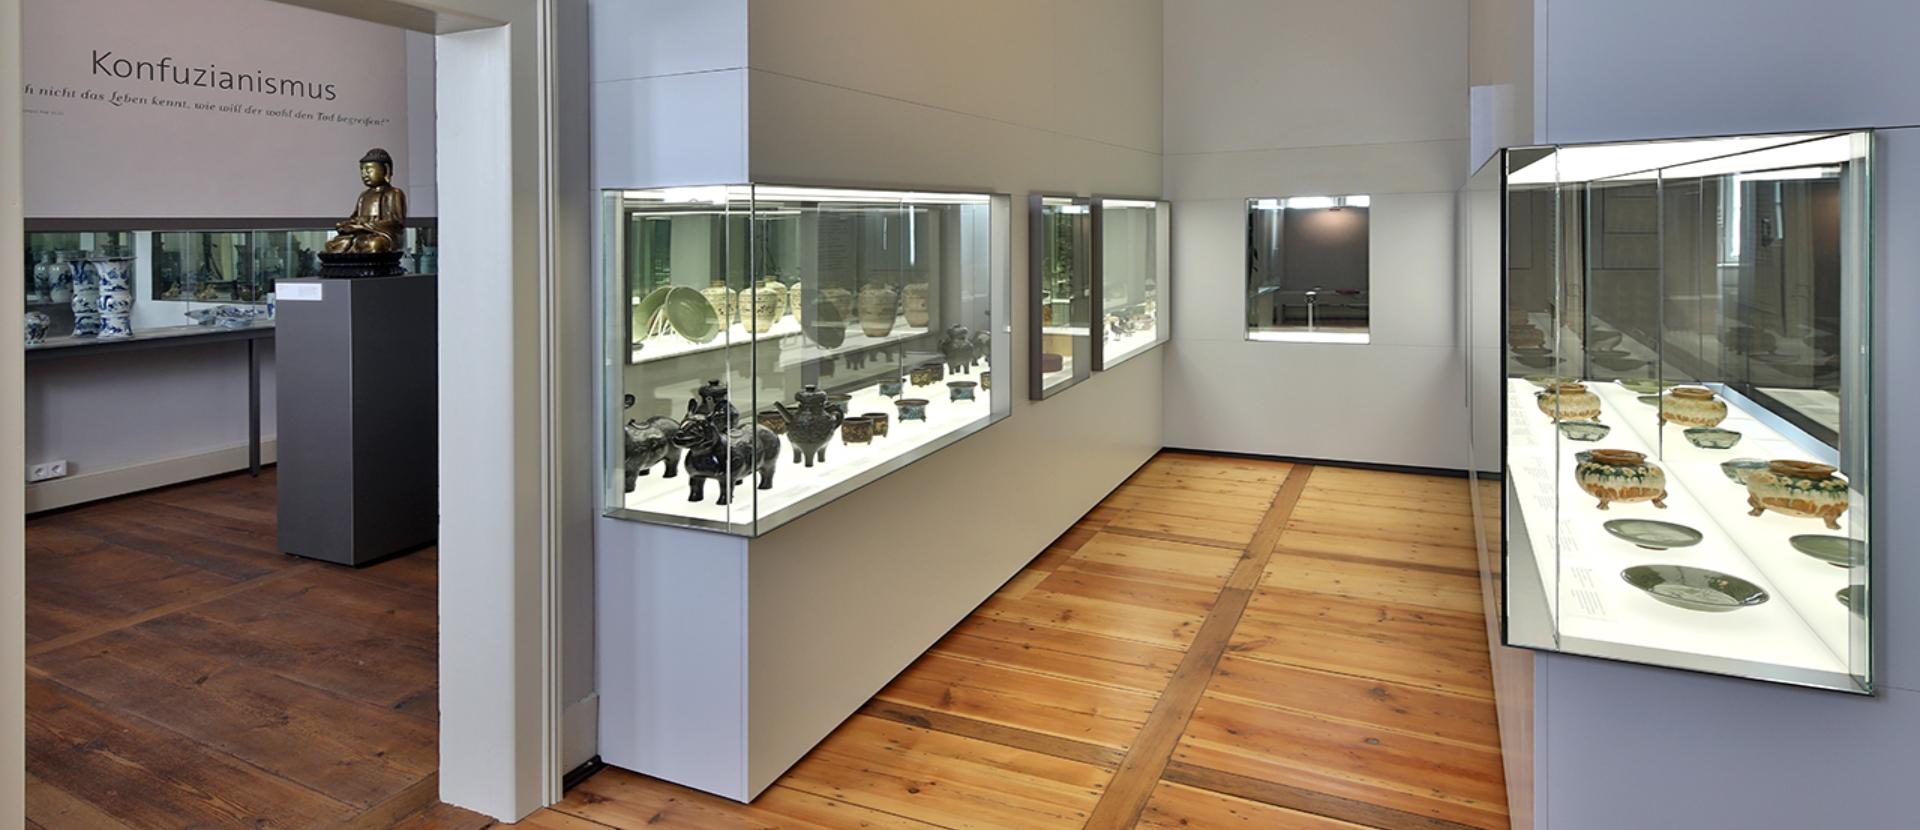 LUX Graf-Luxburg-Museum, Aschach